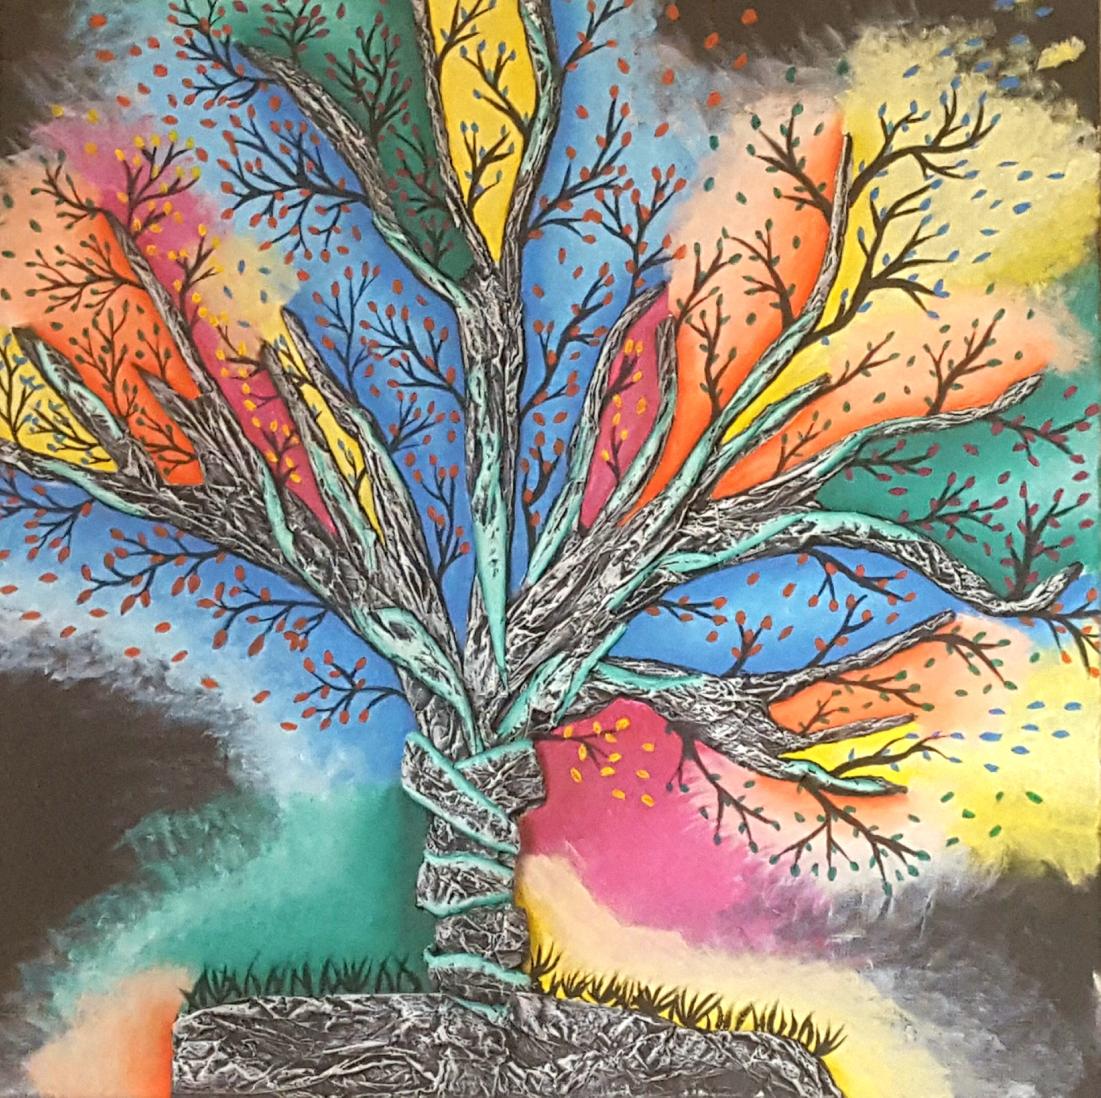 Twisted Tree | Manuela Mast | Brotpapier und Acryl auf Leinen